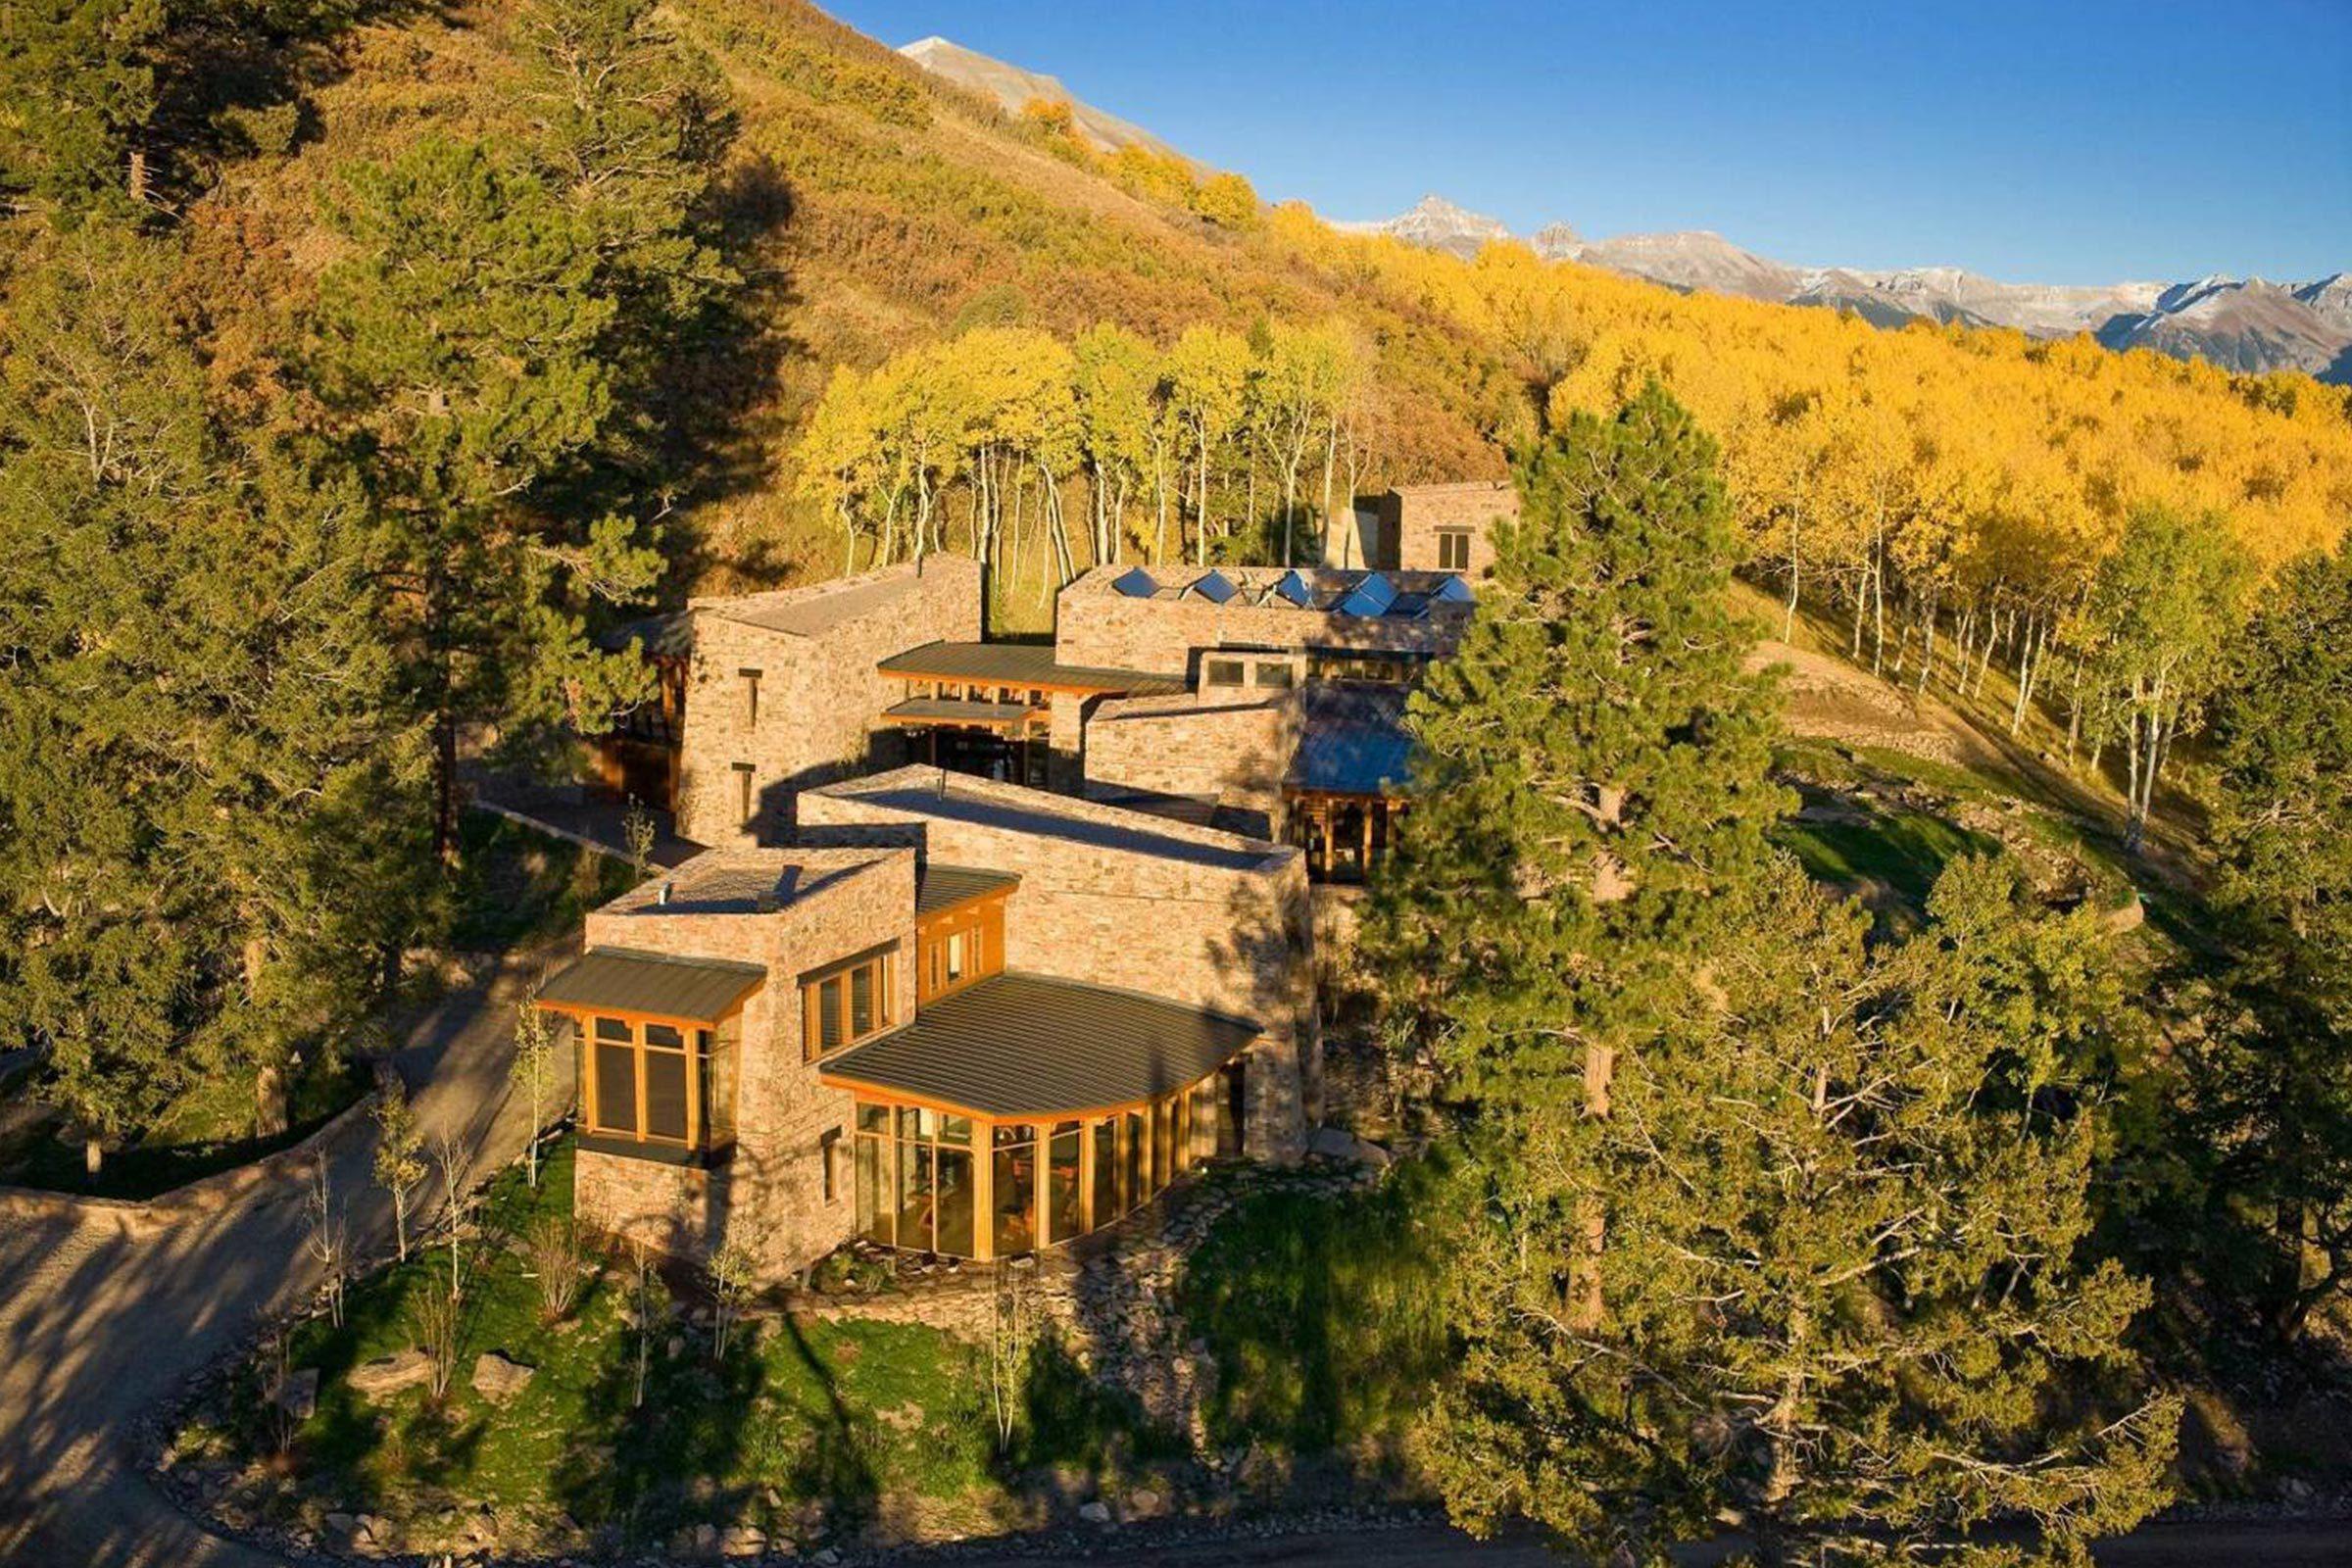 Colorado airbnb